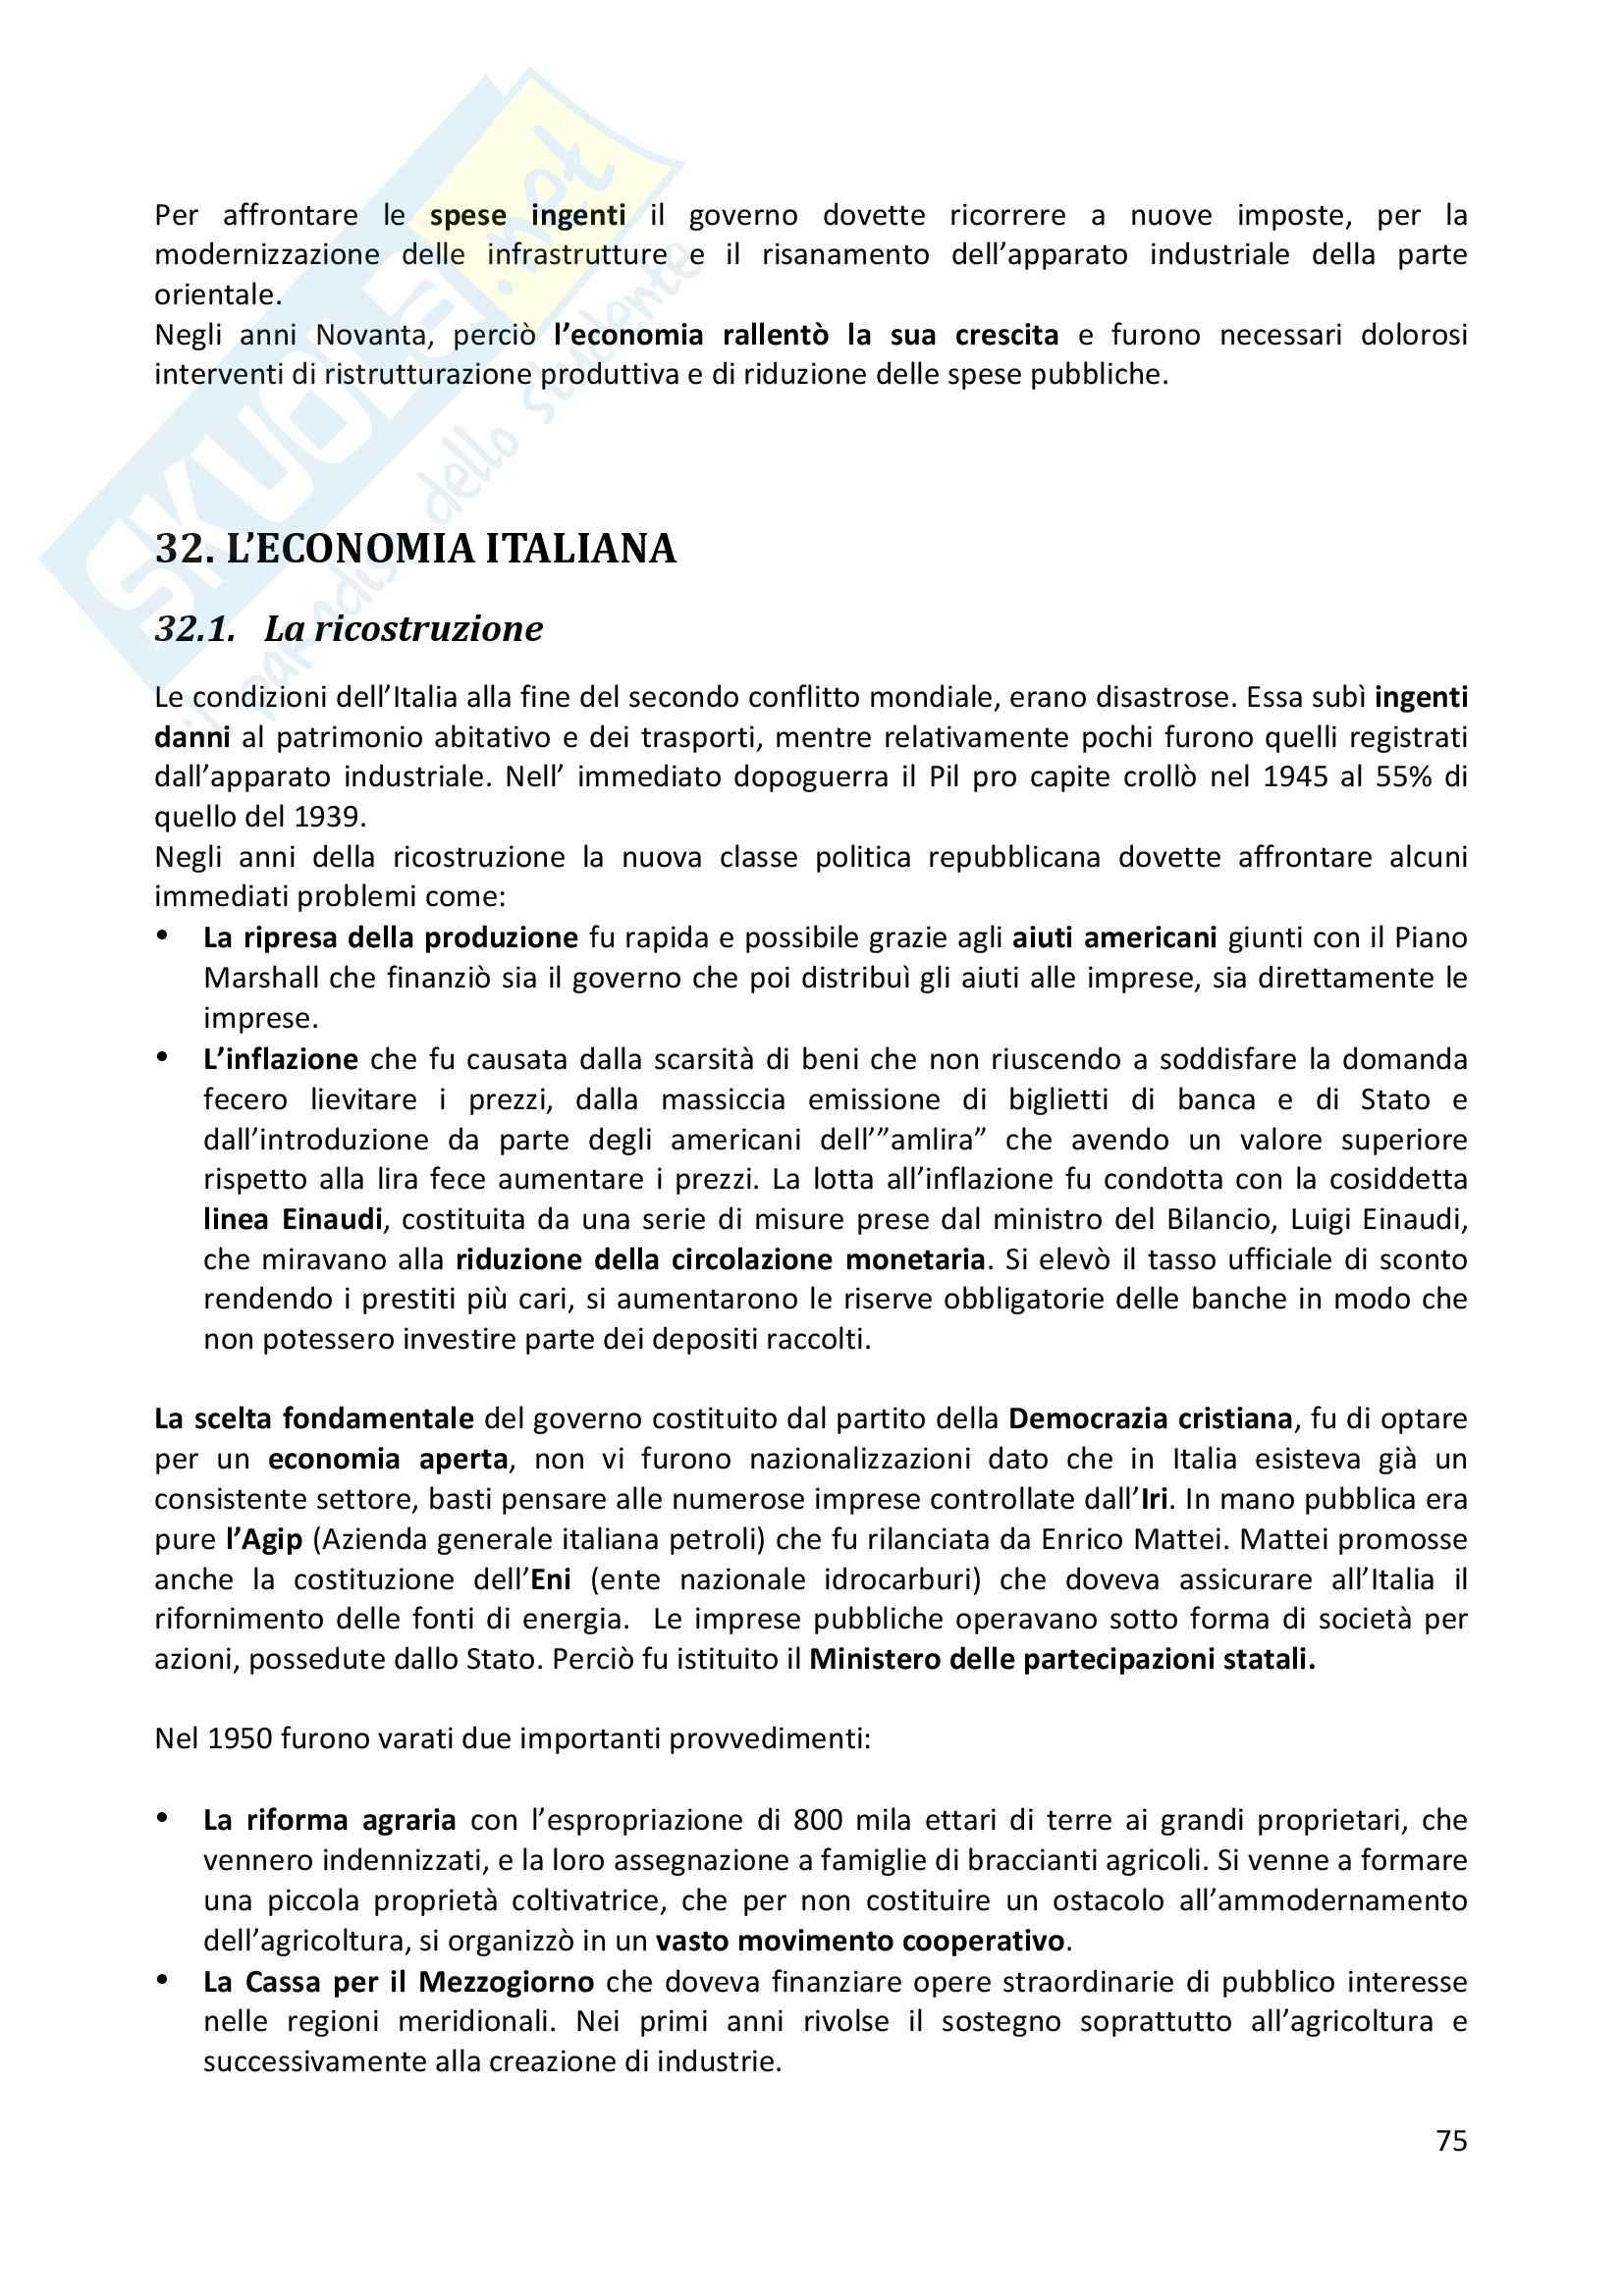 Riassunto esame completo per paragrafi- Storia Economica De Simone, prof. Di Taranto Pag. 76